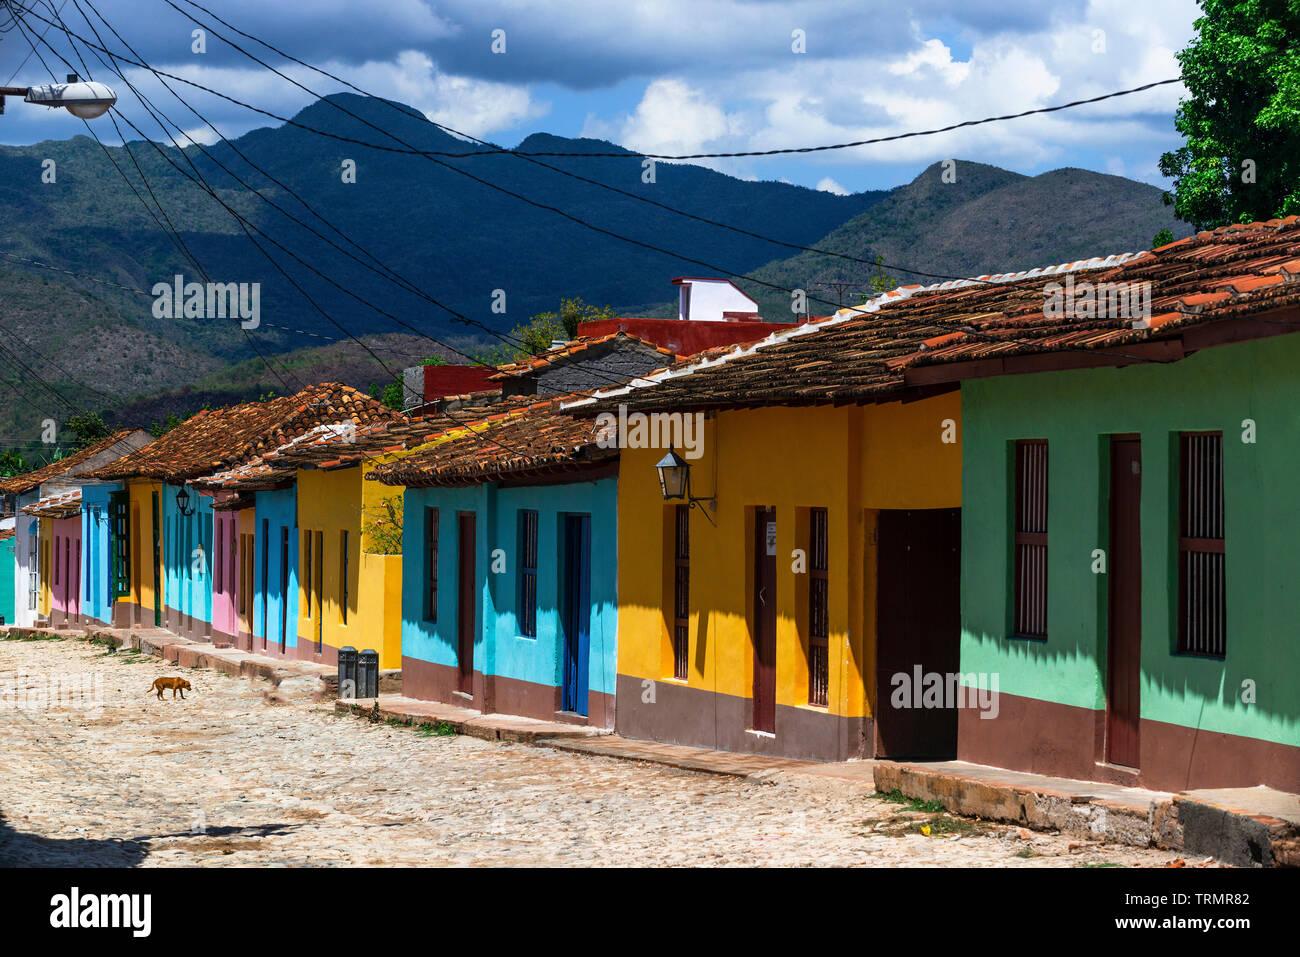 Coloridas casas en la antigua ciudad colonial de Trinidad, un sitio del Patrimonio Mundial de la UNESCO, en la provincia de Sancti Spíritus, Cuba, El Caribe Foto de stock